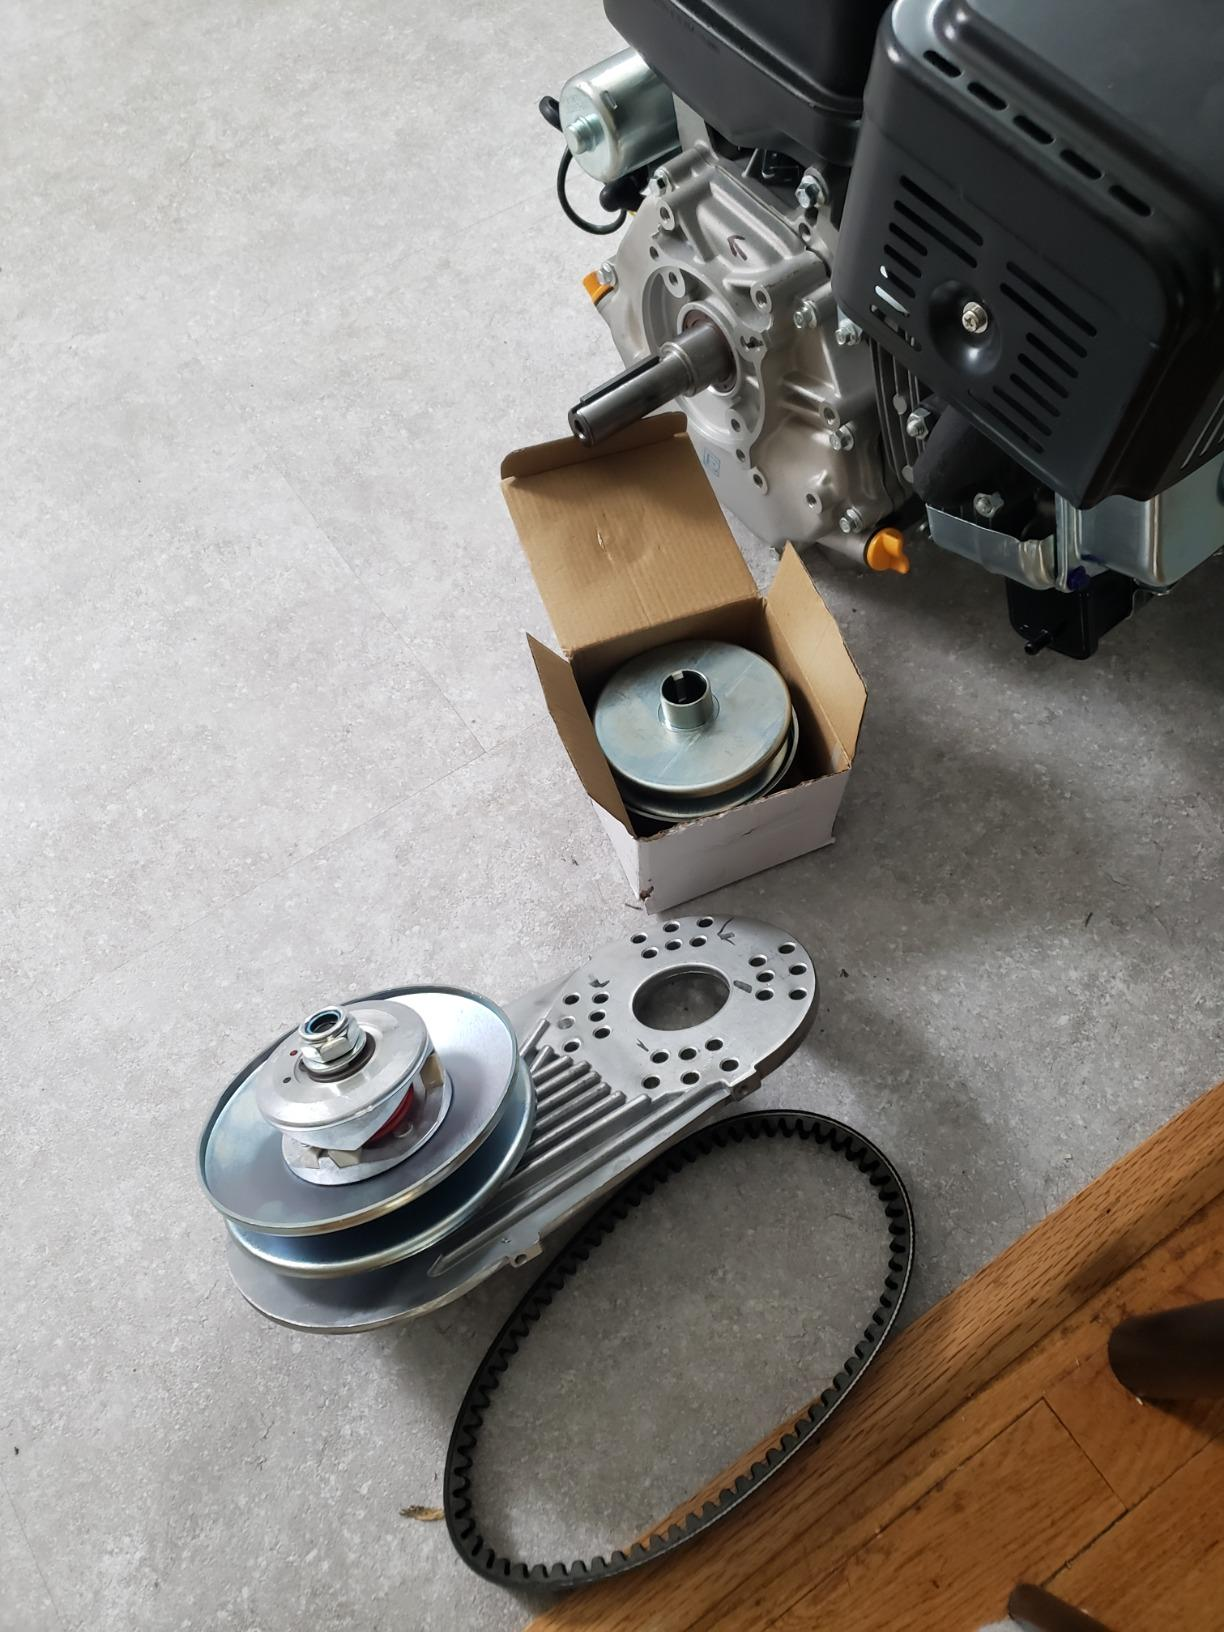 Mophorn Torque Converter Comet Clutch Go Kart Clutch 1Inch